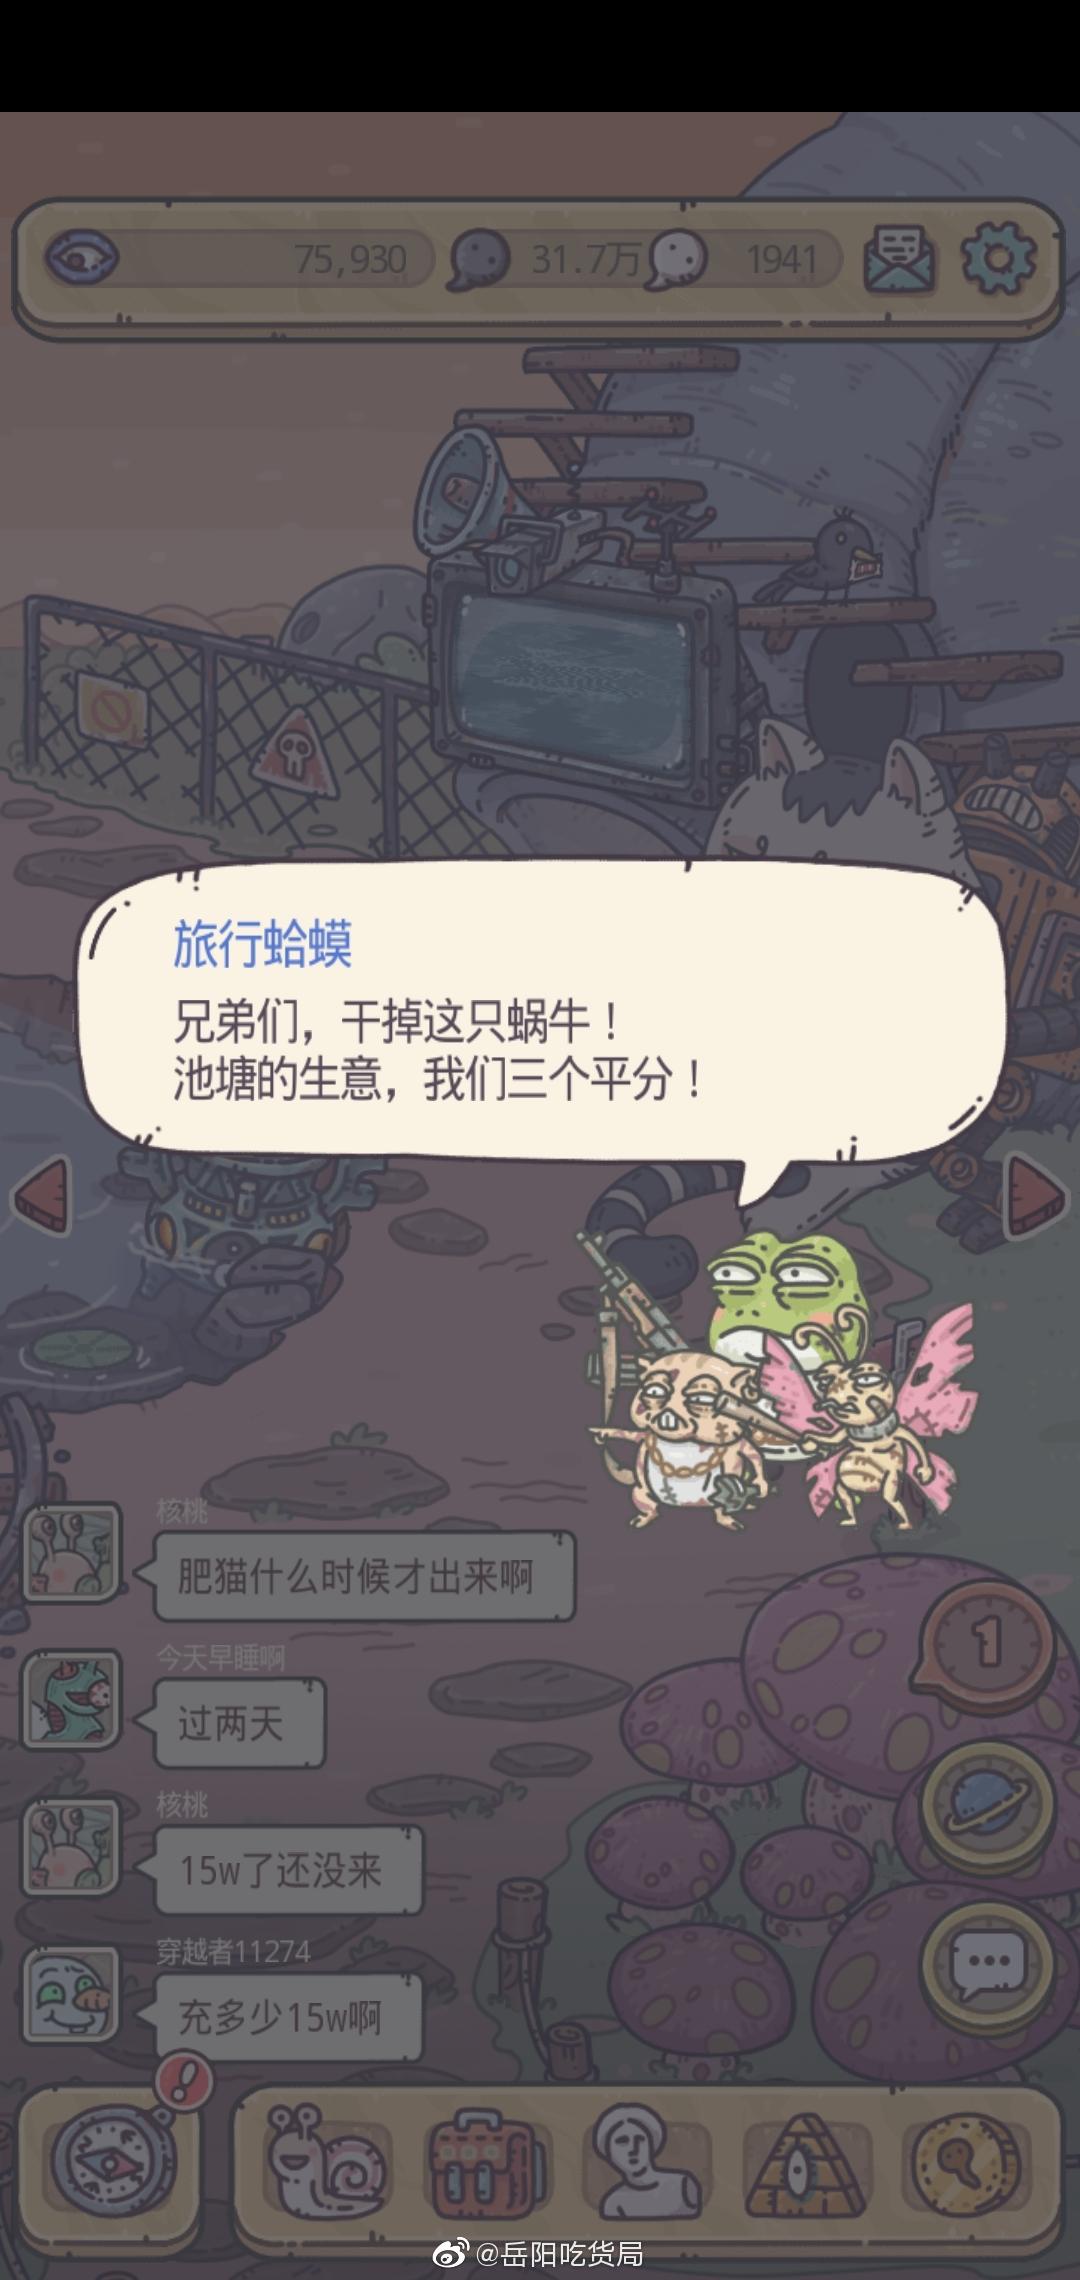 感觉好像旅行青蛙的画风,后来那个青蛙还写信来了